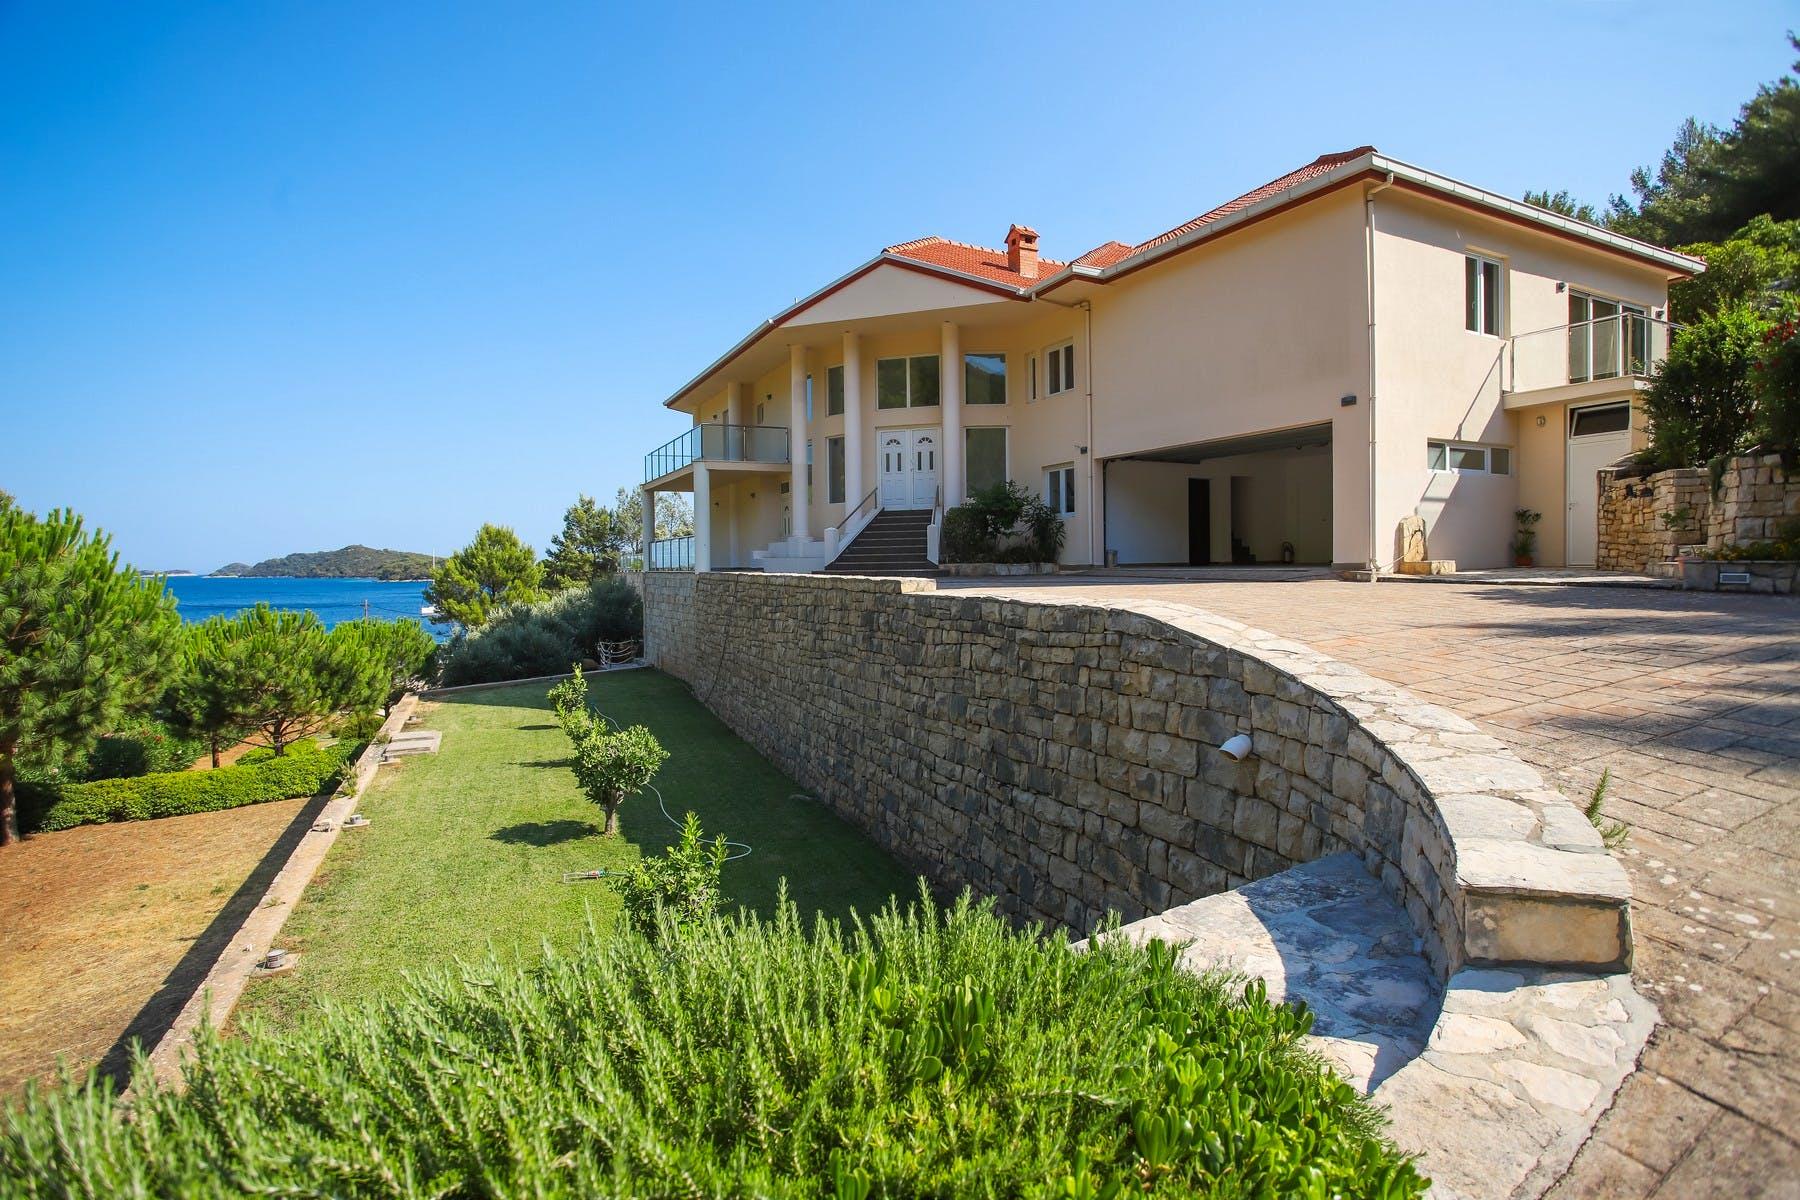 Prodaje se vila uz more na Korčuli